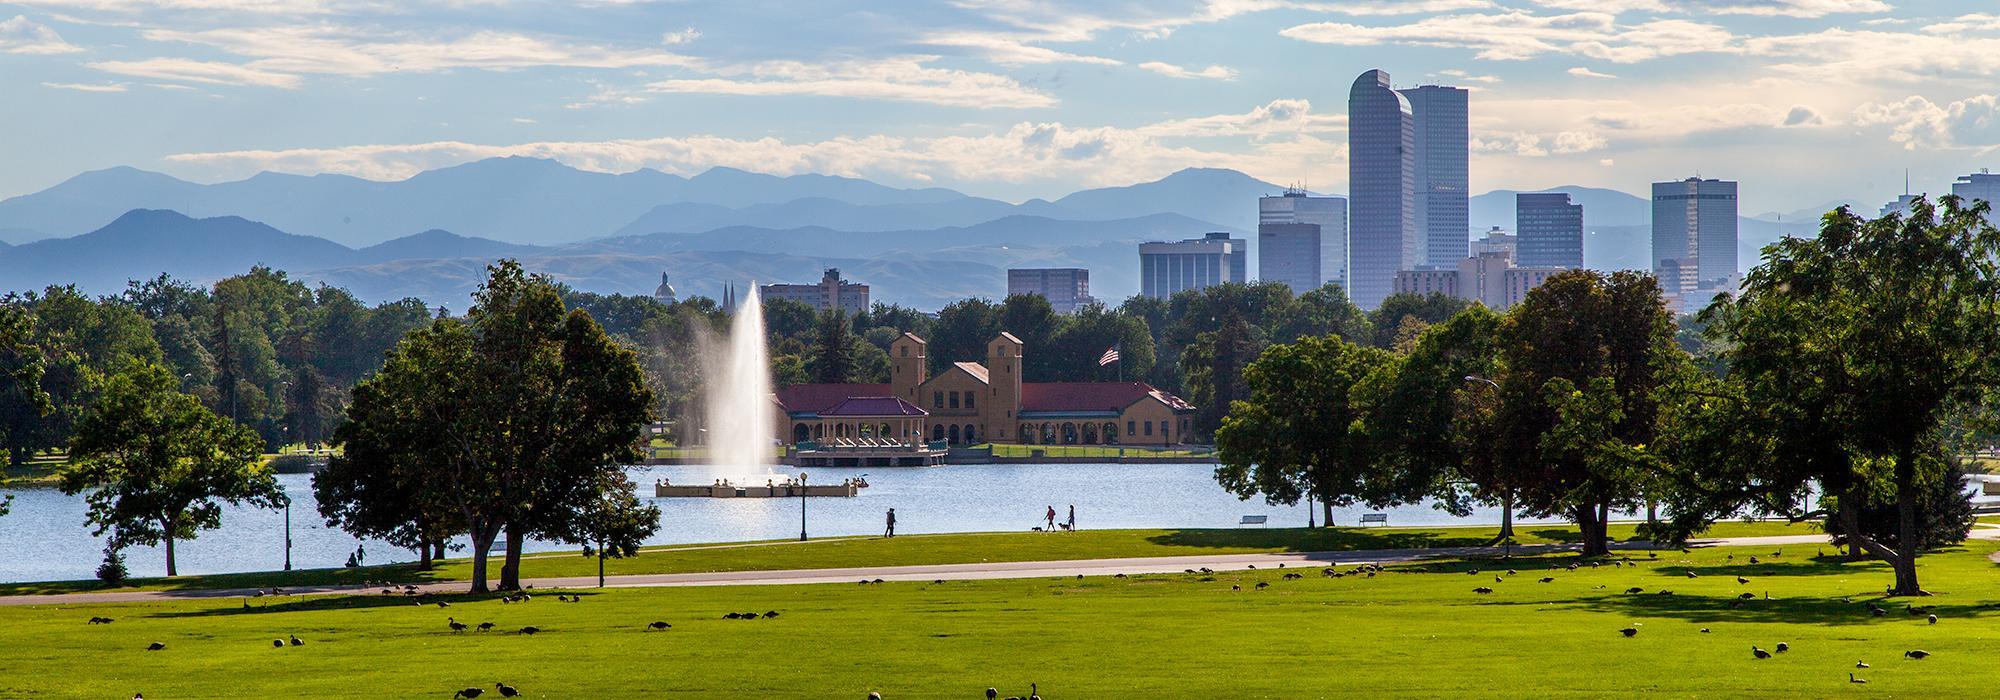 Landscape In Denver